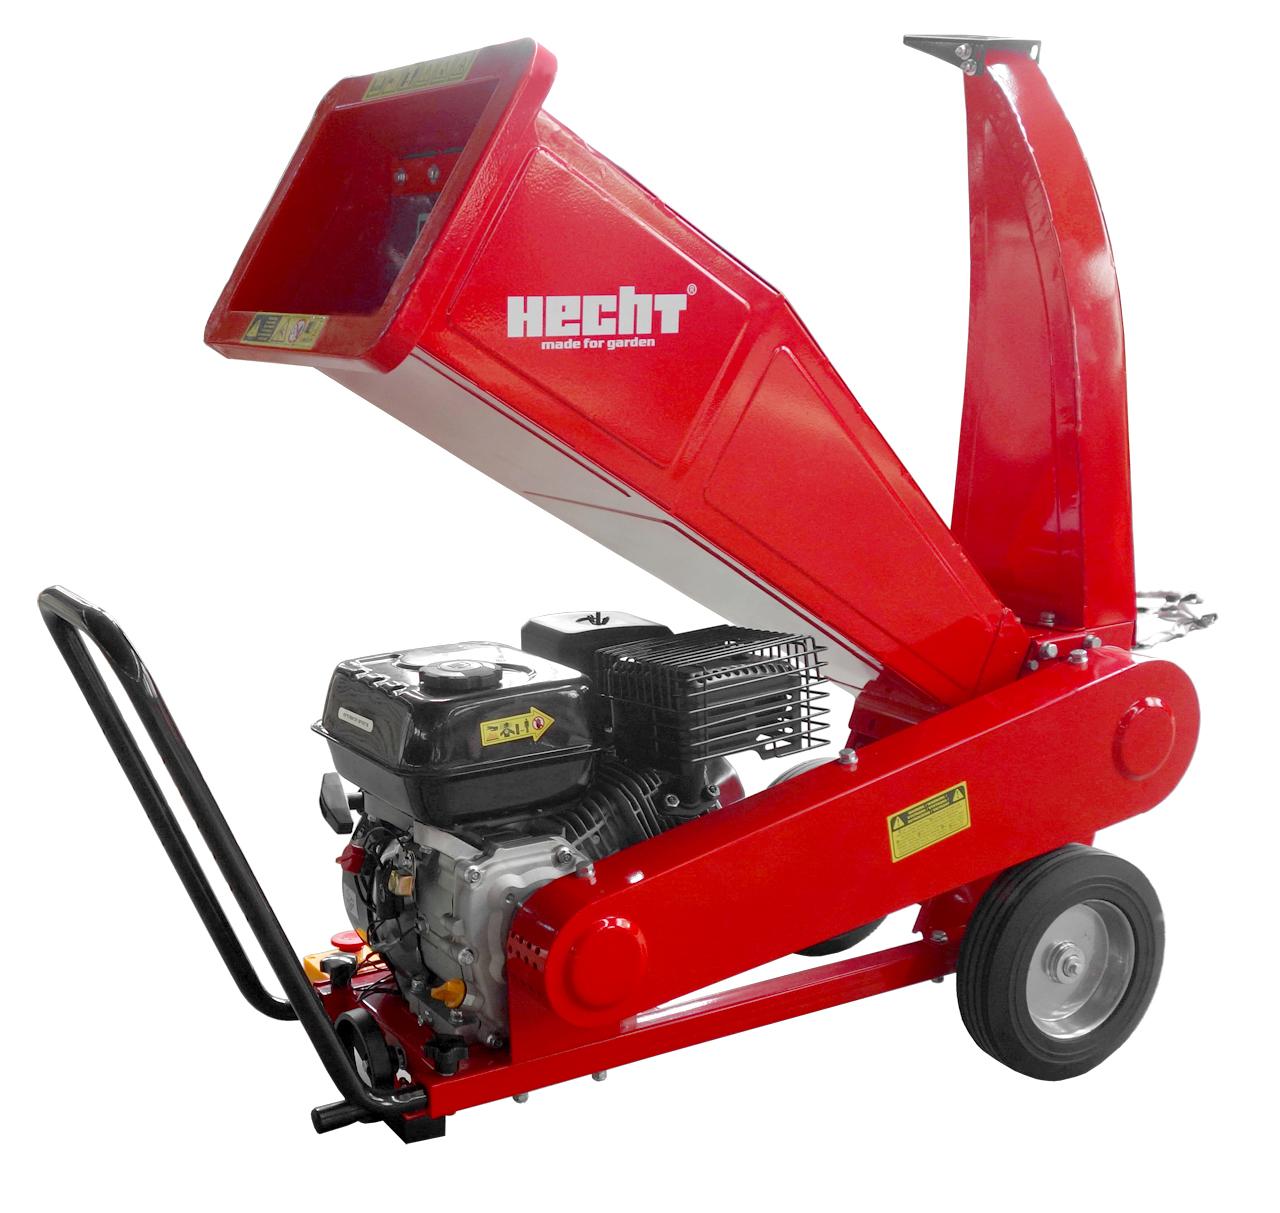 HECHT 6208 - motorový drtič